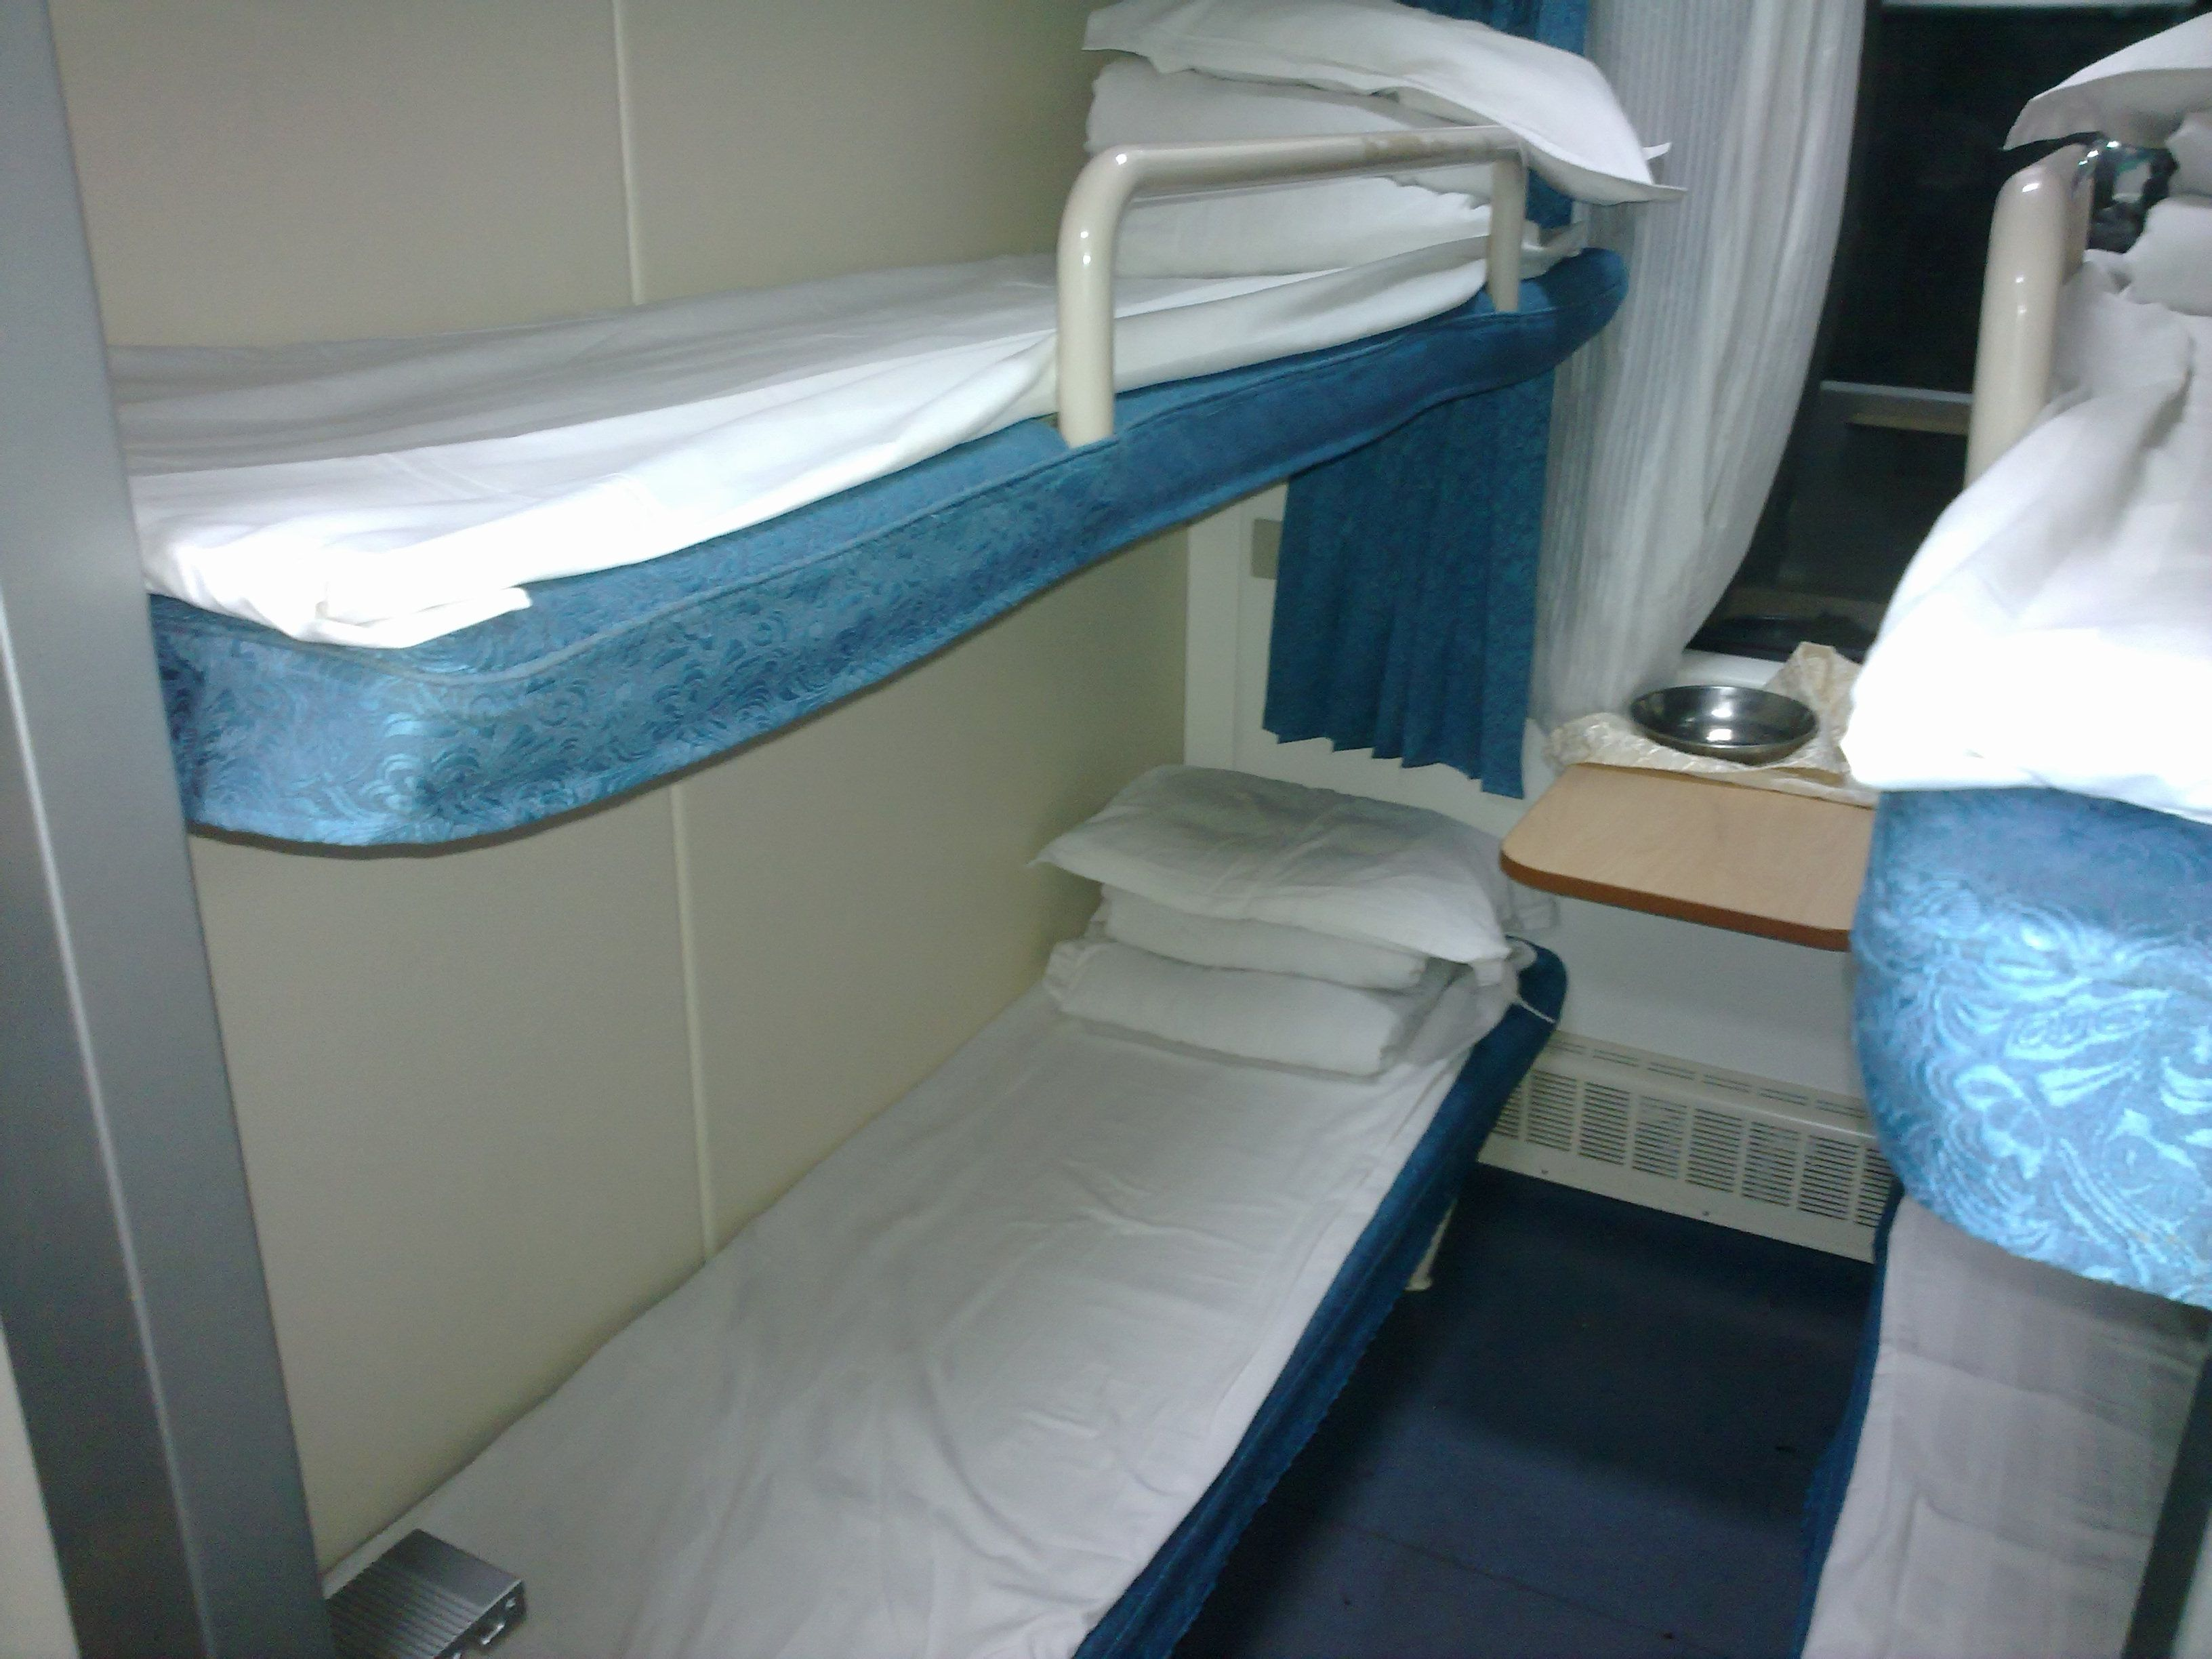 硬卧和软卧图片_汽车卧铺和硬卧和软卧什么区别_百度知道